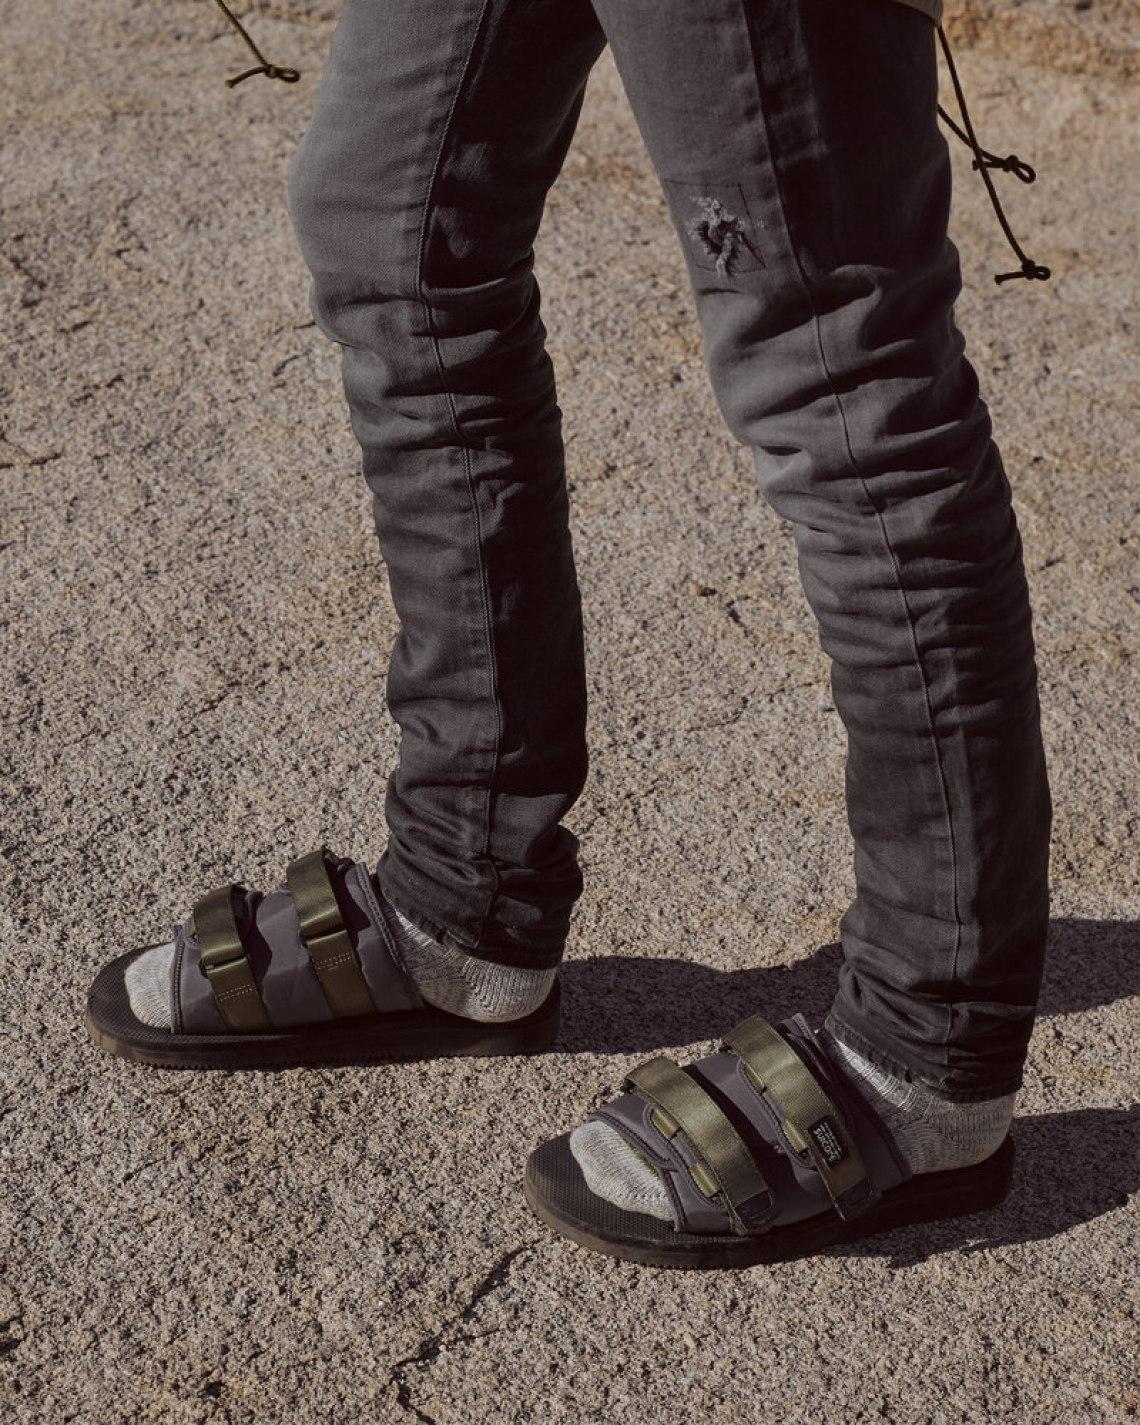 cb9d6a5779e0 John Elliot x SUICOKE MOTO Sandal John Elliot x SUICOKE MOTO Sandal